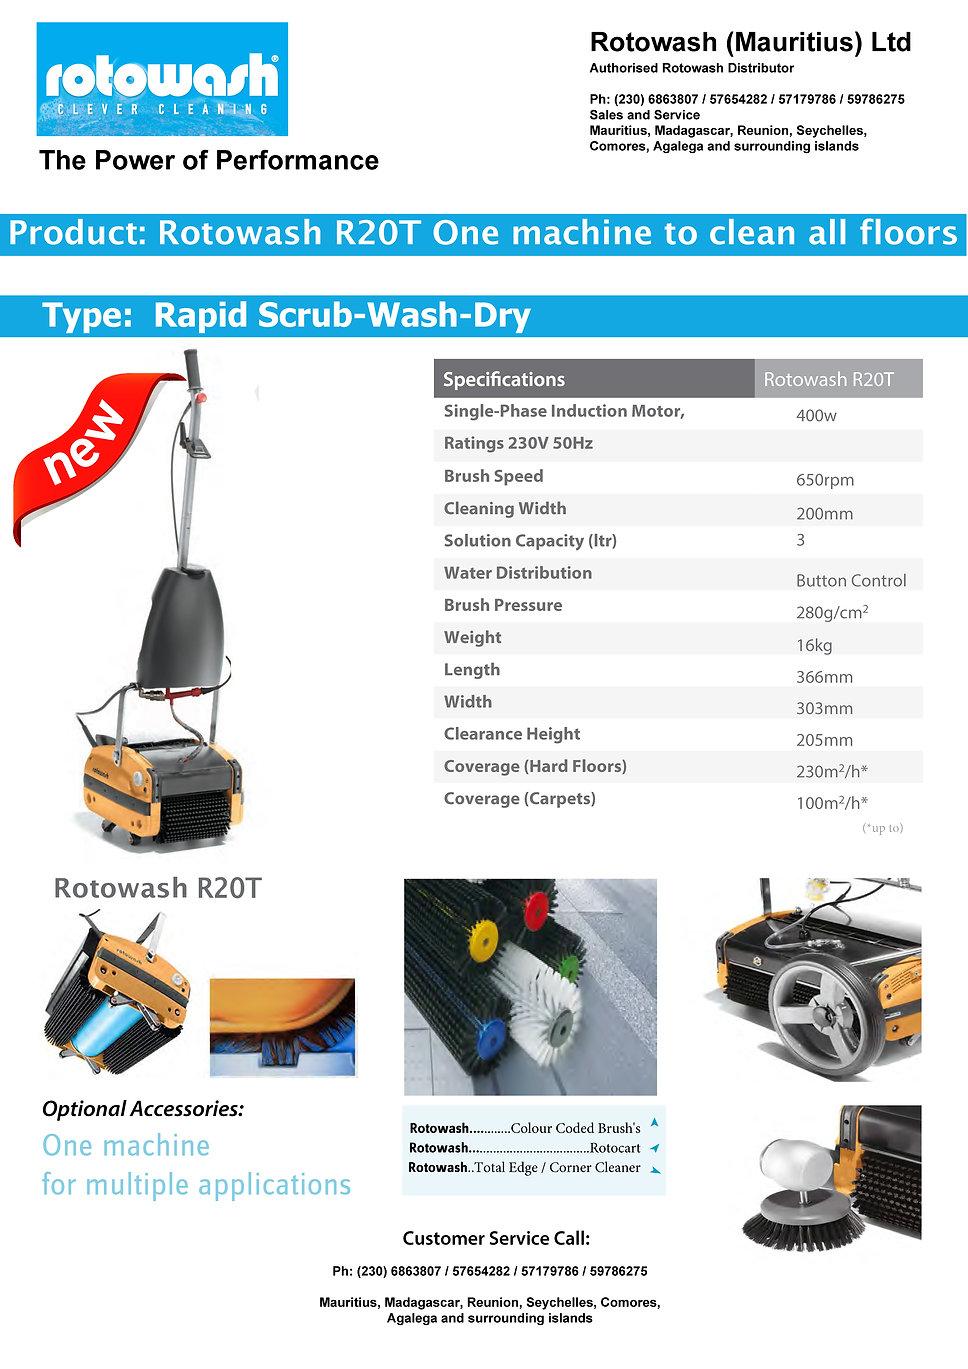 Brochure Rotowash_R20T (2)_Page_1.jpg